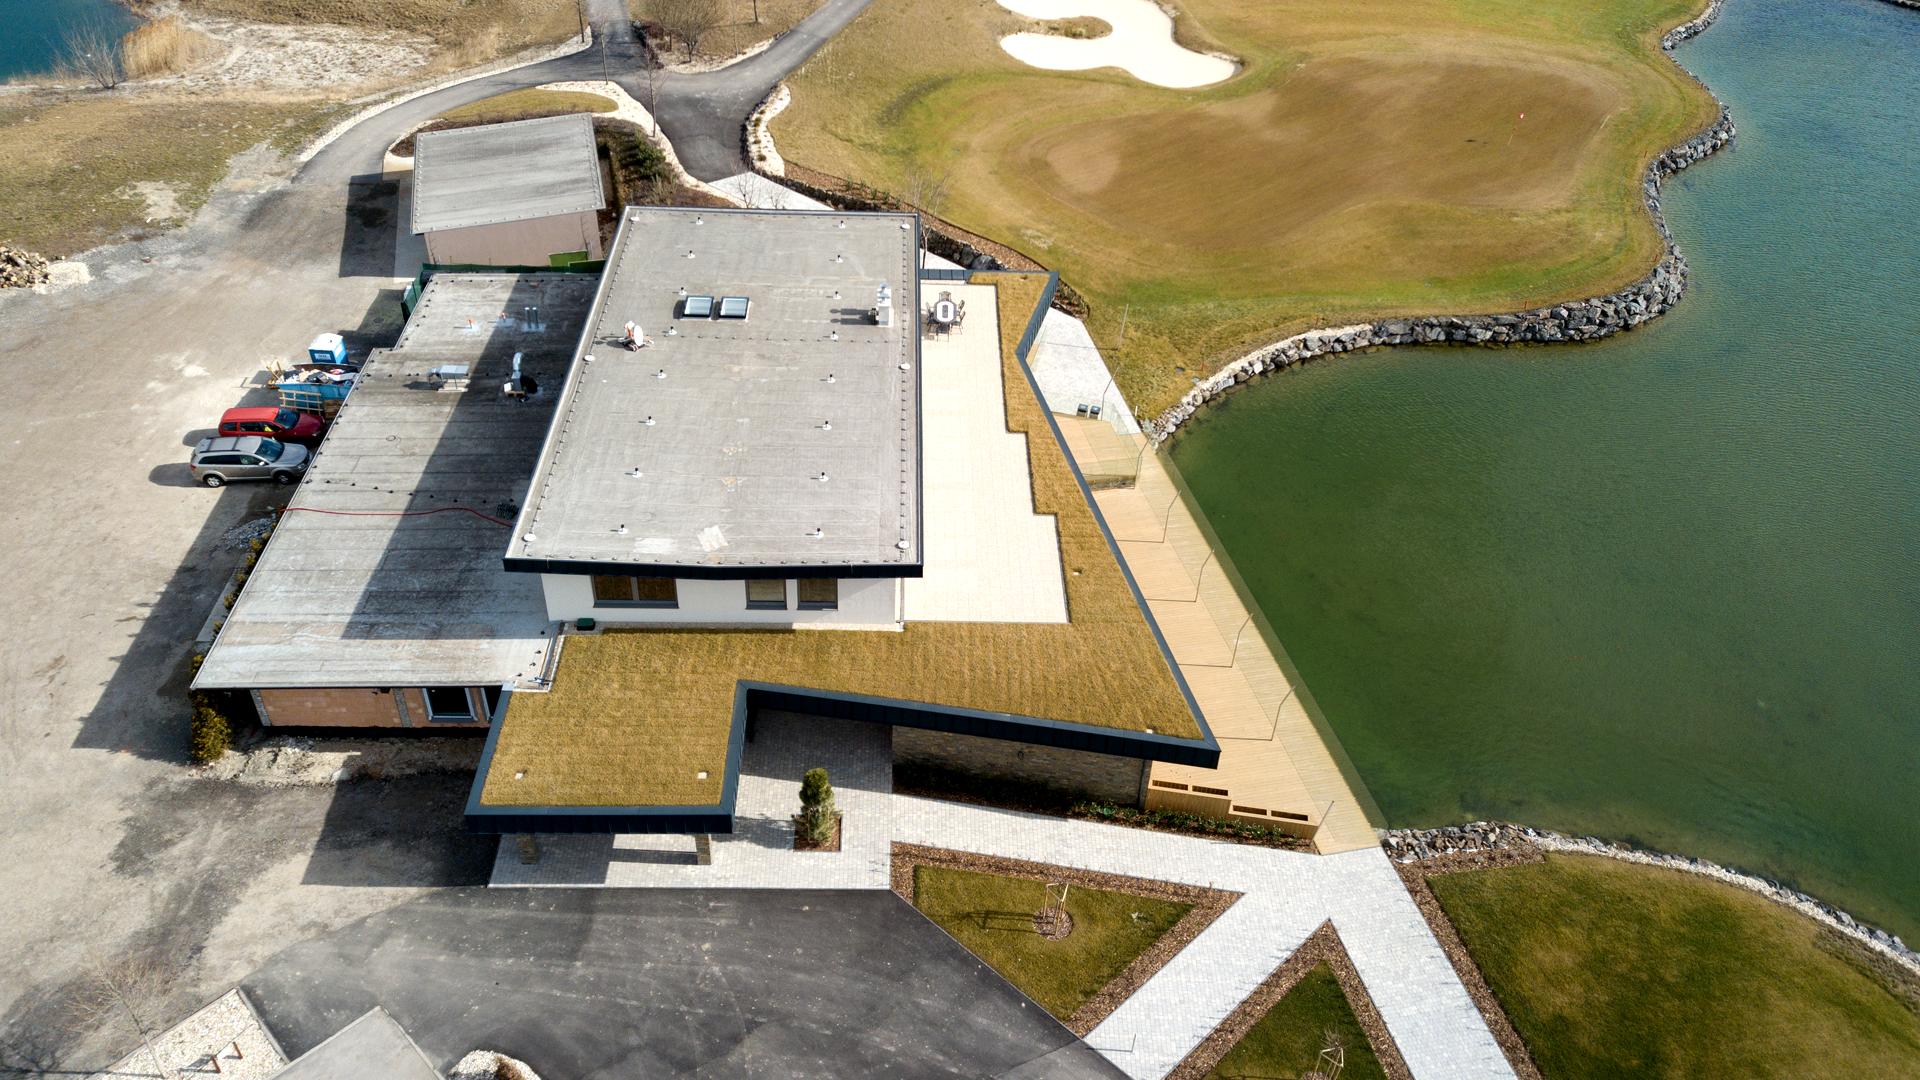 Dodanie materiálu pre golfový areál